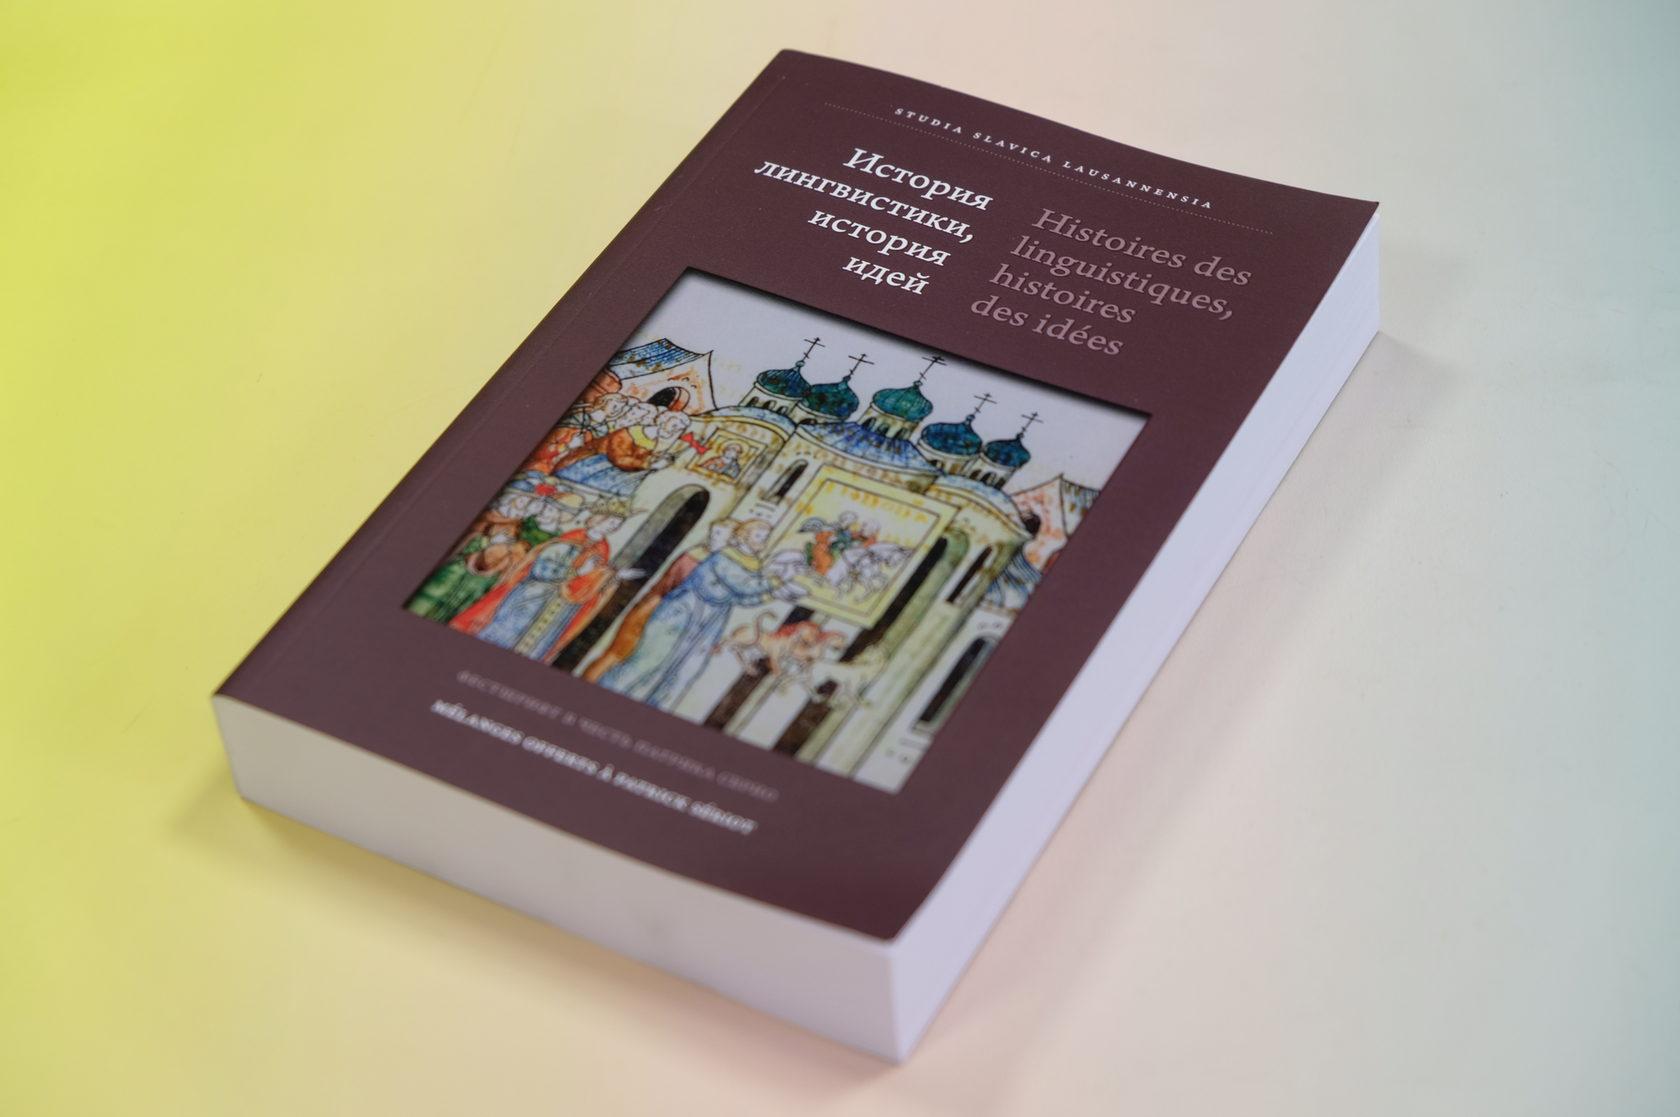 «История лингвистики, история идей. Фестшрифт в честь Патрика Серио» 978-5-94282-839-4